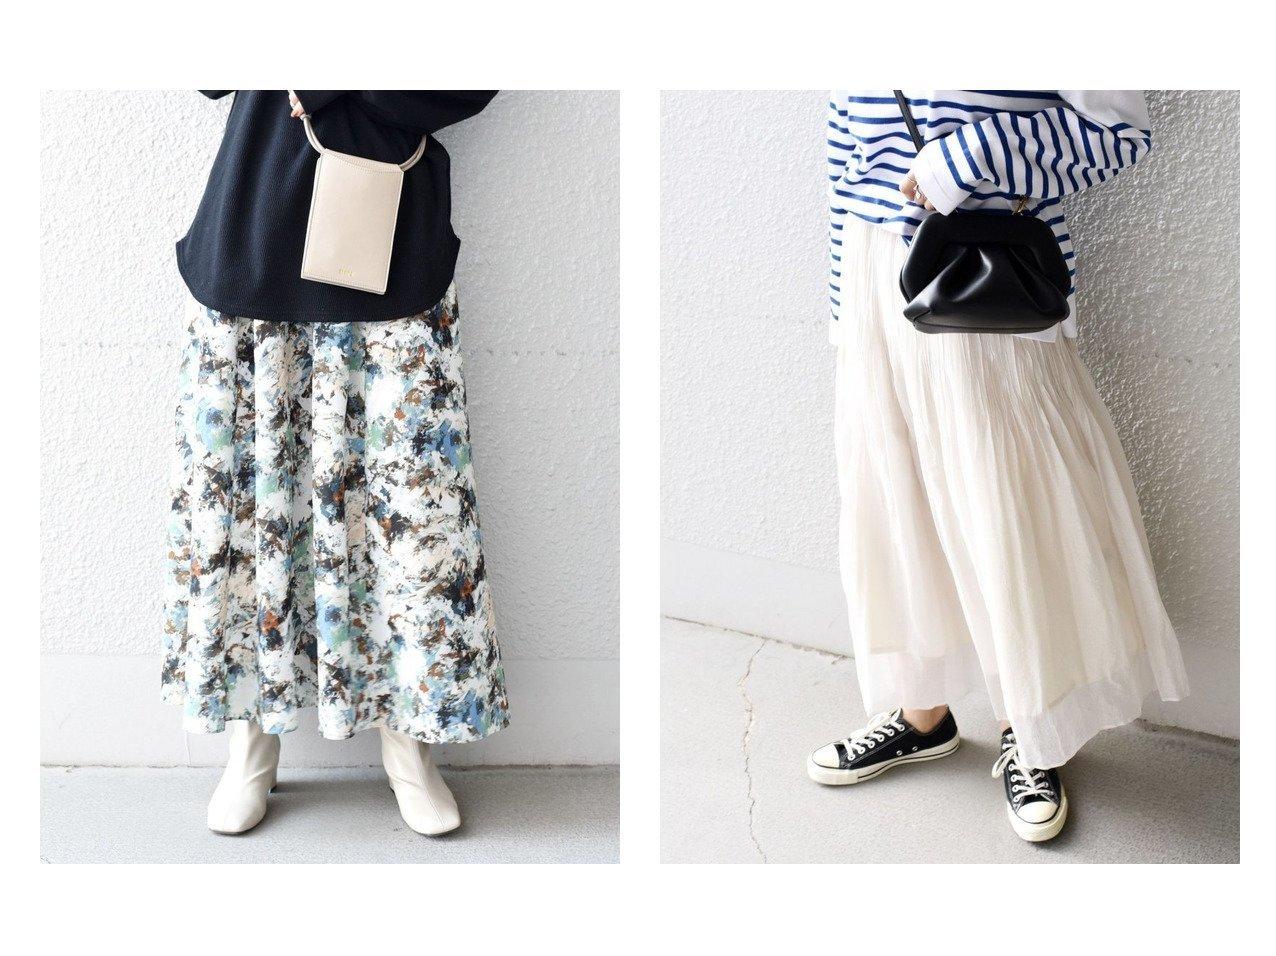 【SHIPS/シップス フォー ウィメン】のアートプリントフレアスカート&ワッシャープリーツスカート スカートのおすすめ!人気、トレンド・レディースファッションの通販 おすすめで人気の流行・トレンド、ファッションの通販商品 メンズファッション・キッズファッション・インテリア・家具・レディースファッション・服の通販 founy(ファニー) https://founy.com/ ファッション Fashion レディースファッション WOMEN スカート Skirt プリーツスカート Pleated Skirts Aライン/フレアスカート Flared A-Line Skirts NEW・新作・新着・新入荷 New Arrivals くるぶし エアリー ギャザー スニーカー バランス プリーツ 再入荷 Restock/Back in Stock/Re Arrival フラワー フレア プリント |ID:crp329100000011758